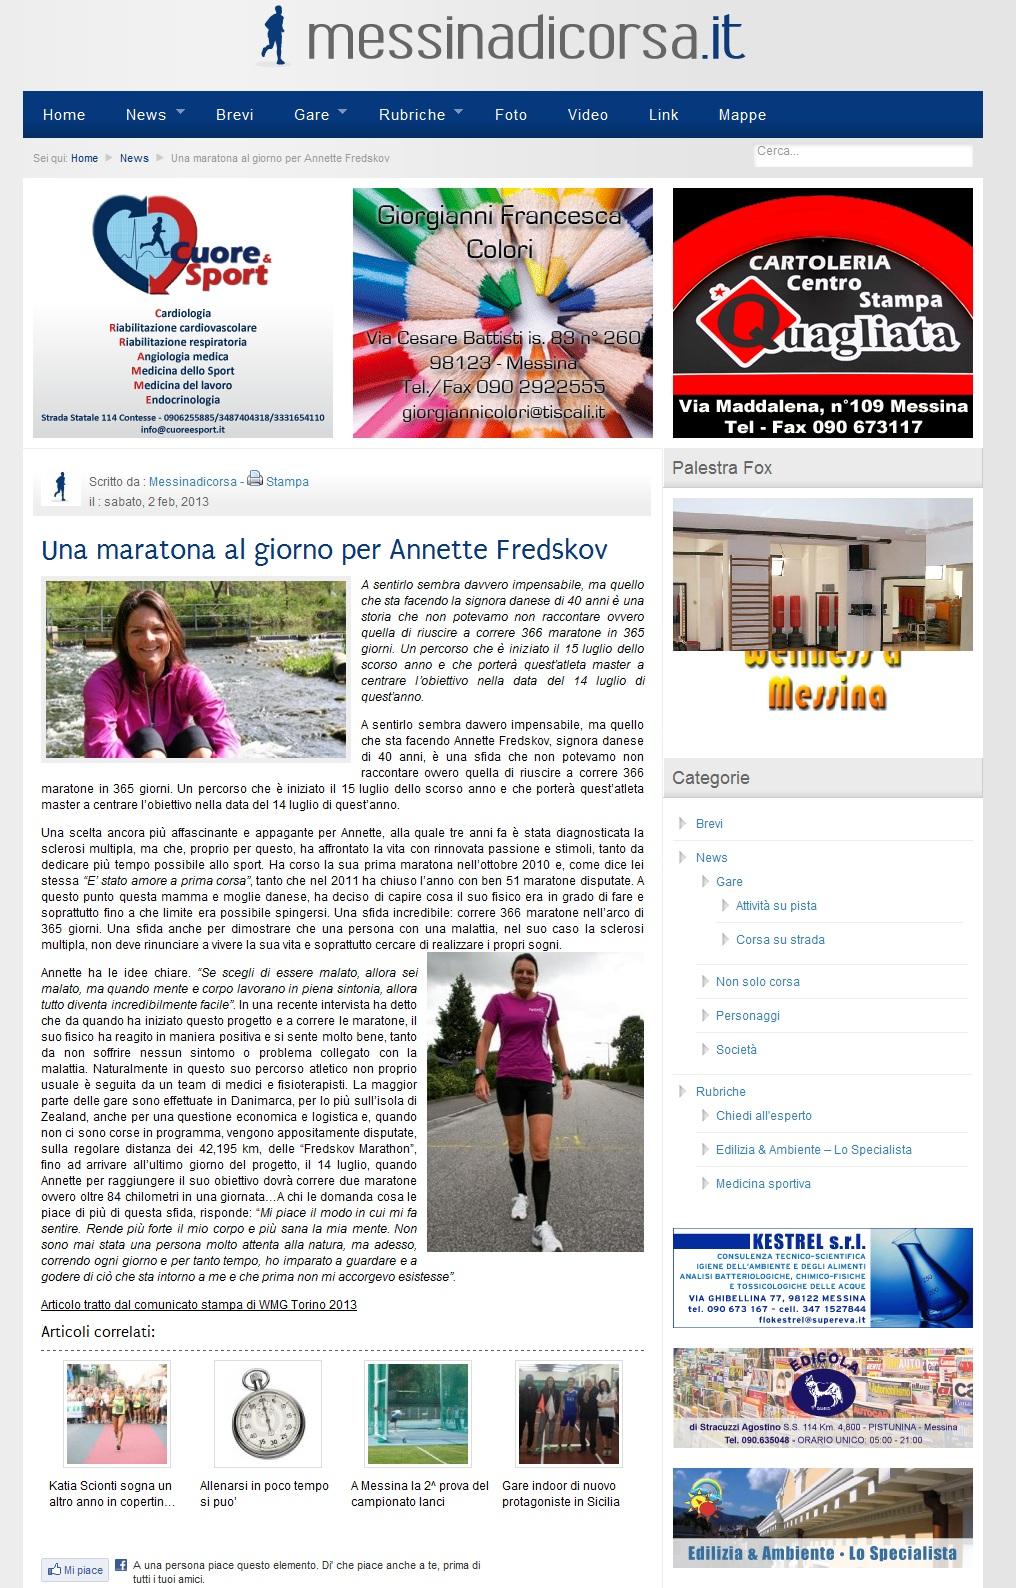 www.messinadicorsa.it 2013.02.02 italiensk